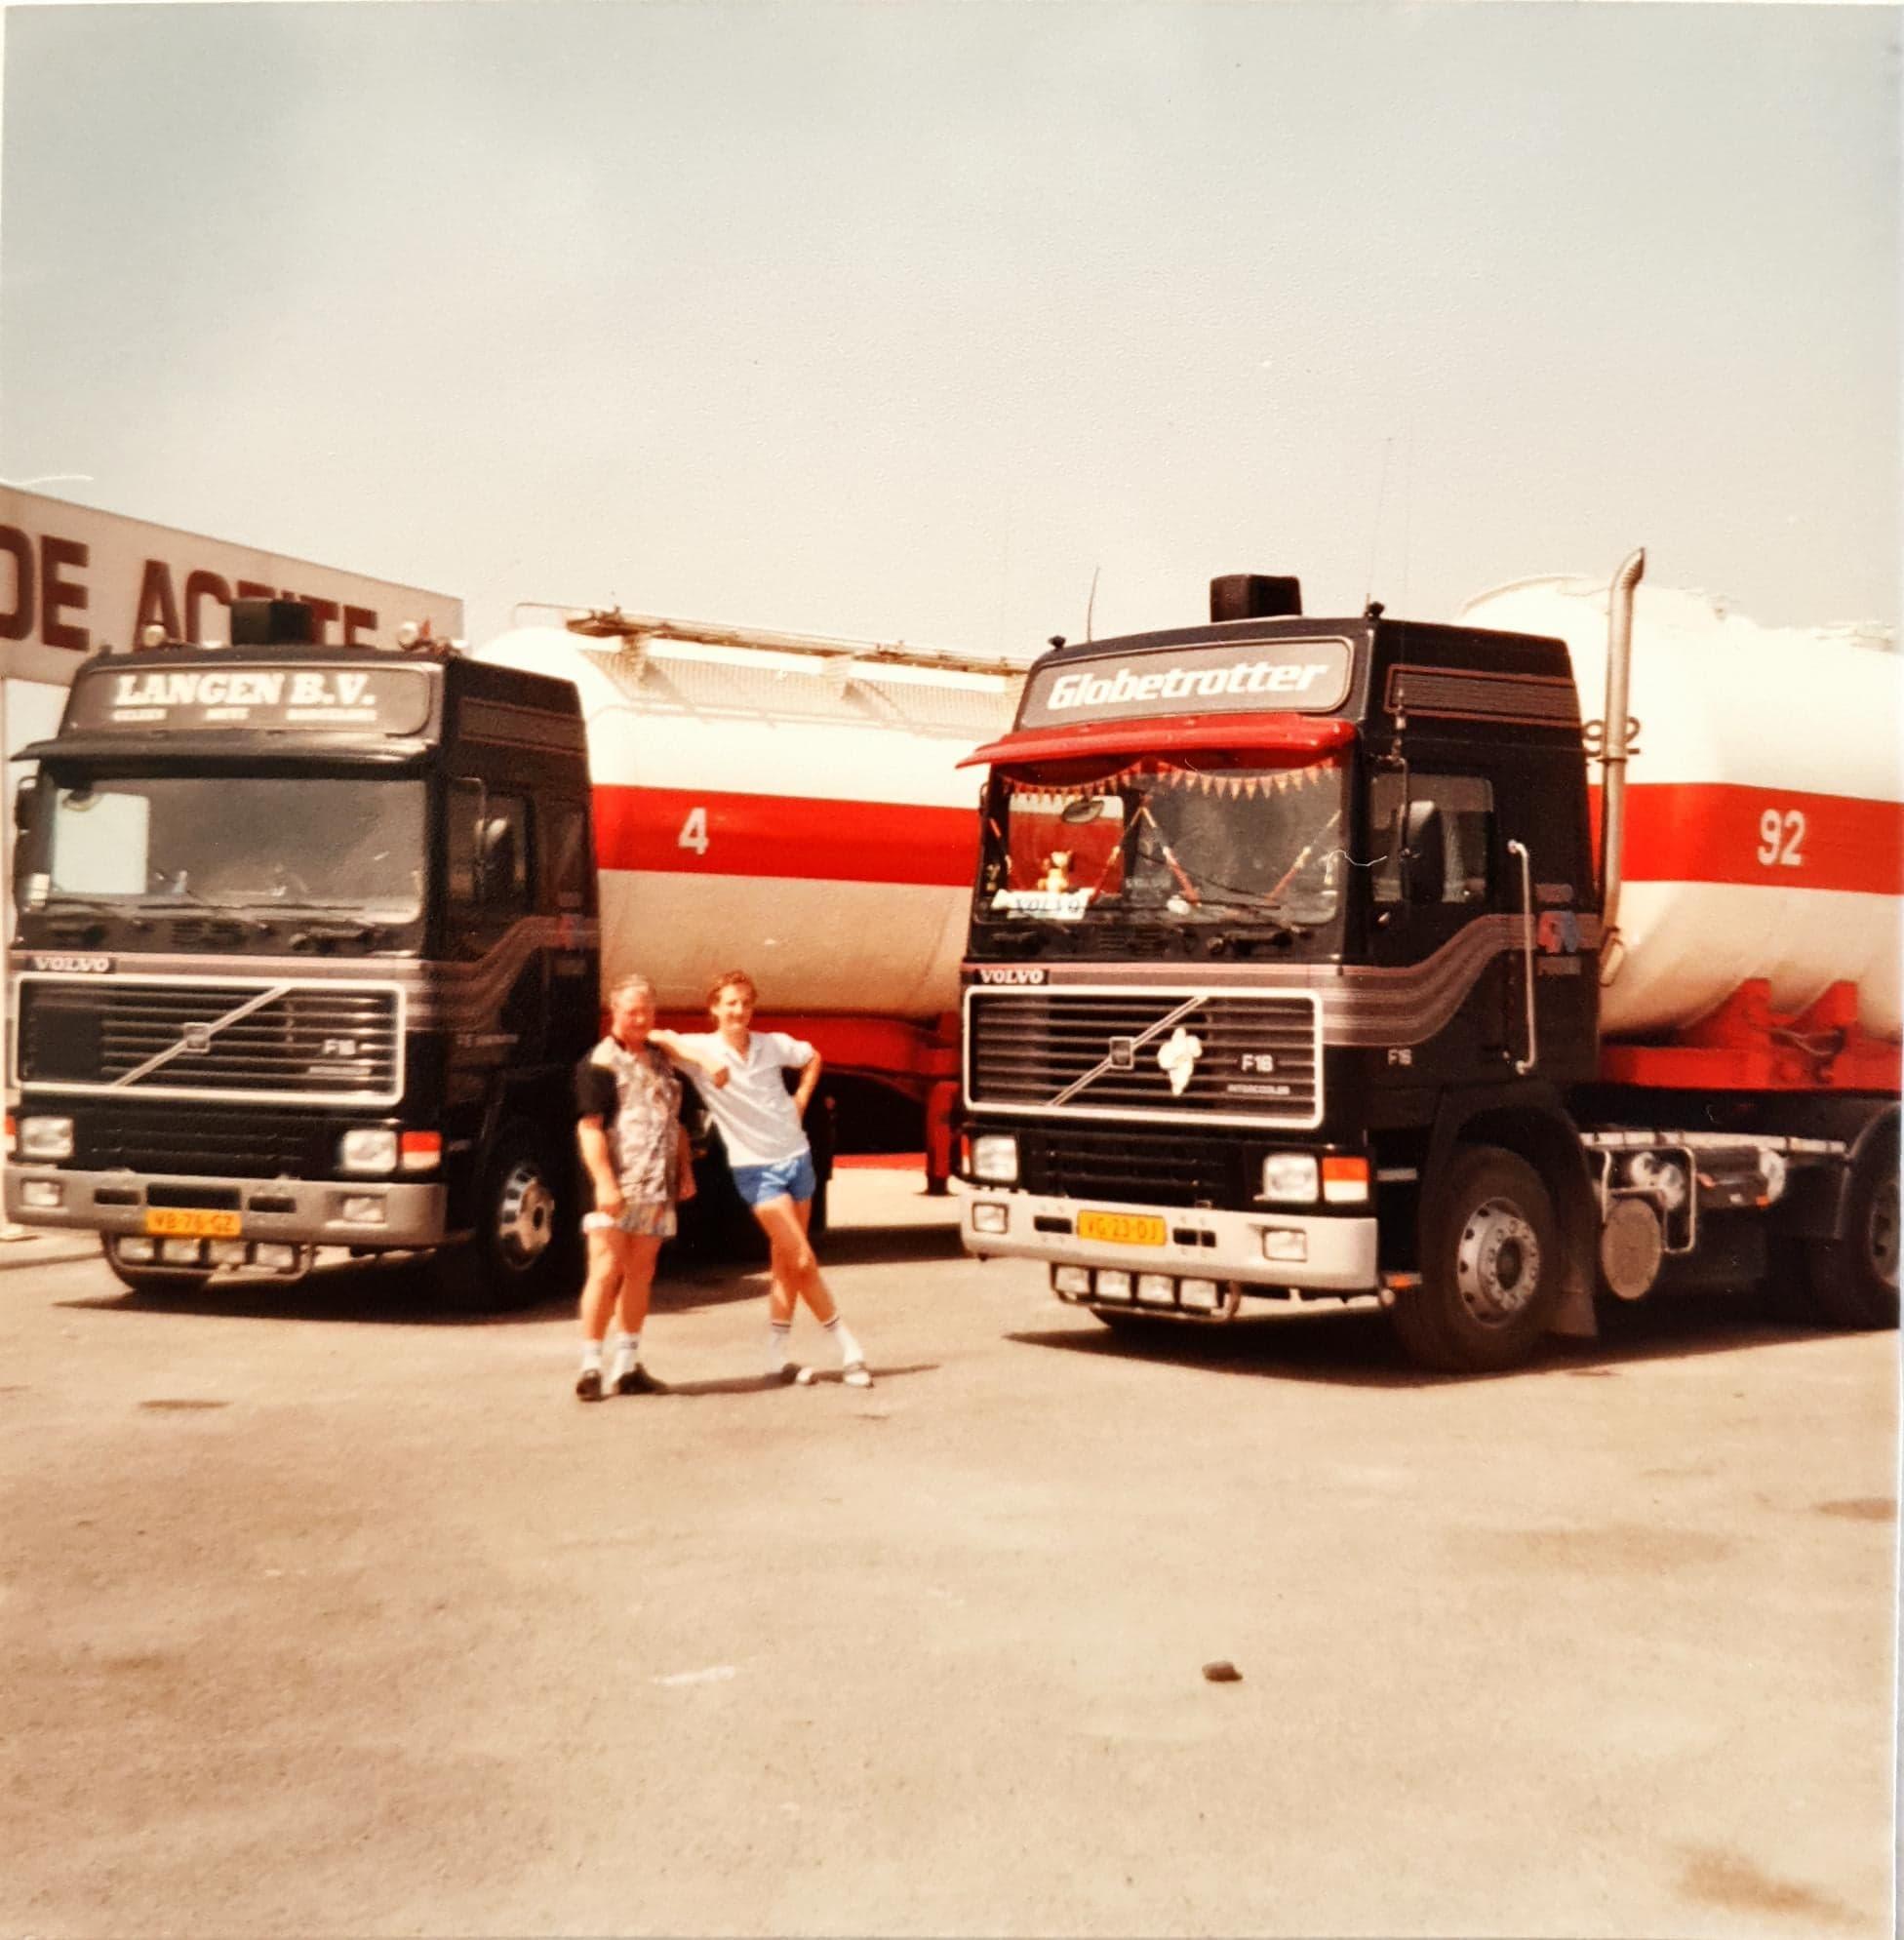 Claus-uit-Gava--Ger-archief-(2)